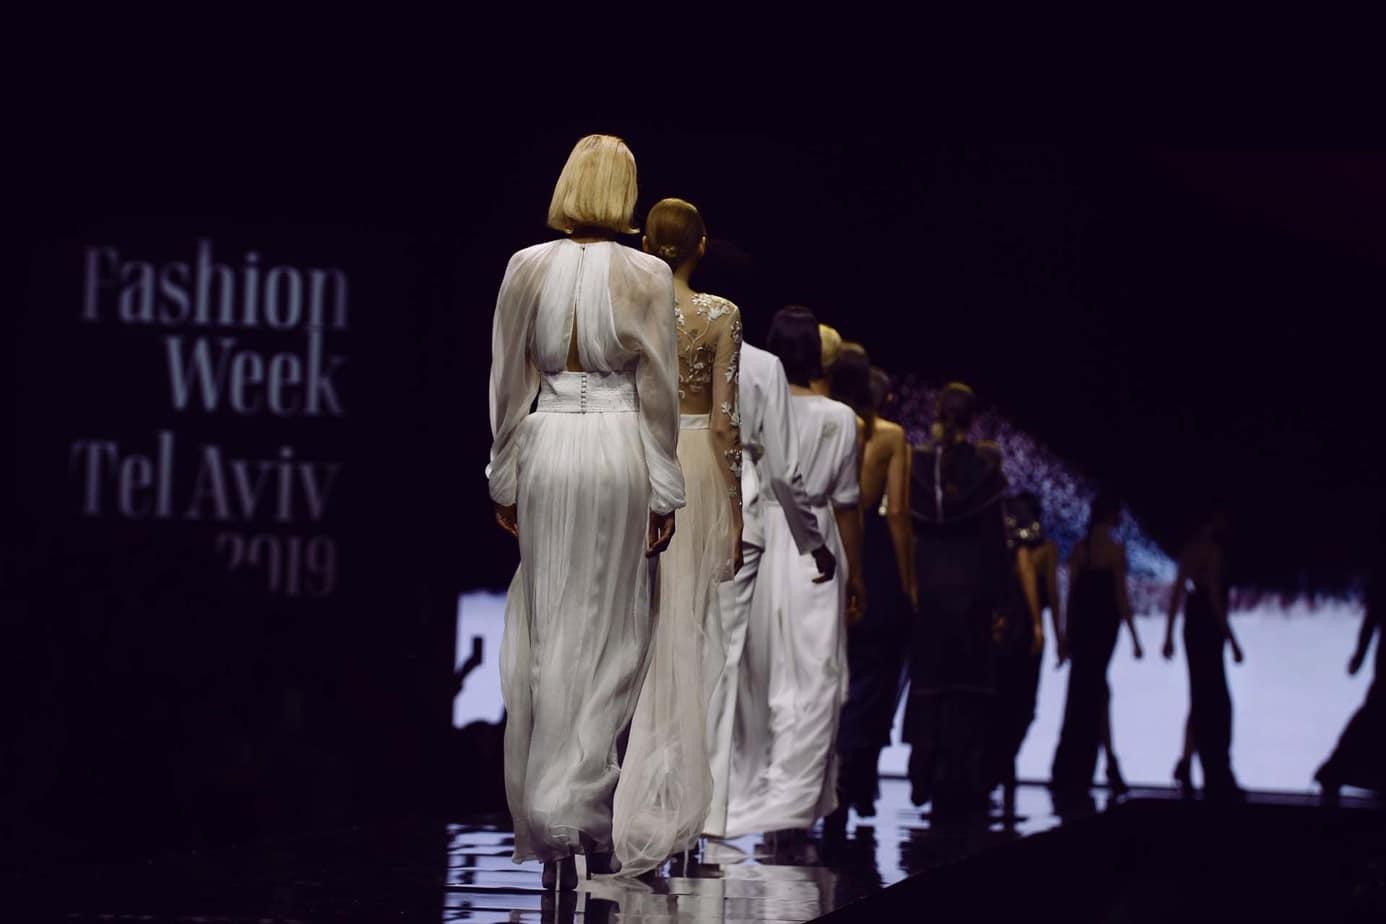 תצוגת משכית, קולקציית משכית, שבוע אופנה תל אביב 2019. צילום עומר רביבי - 132